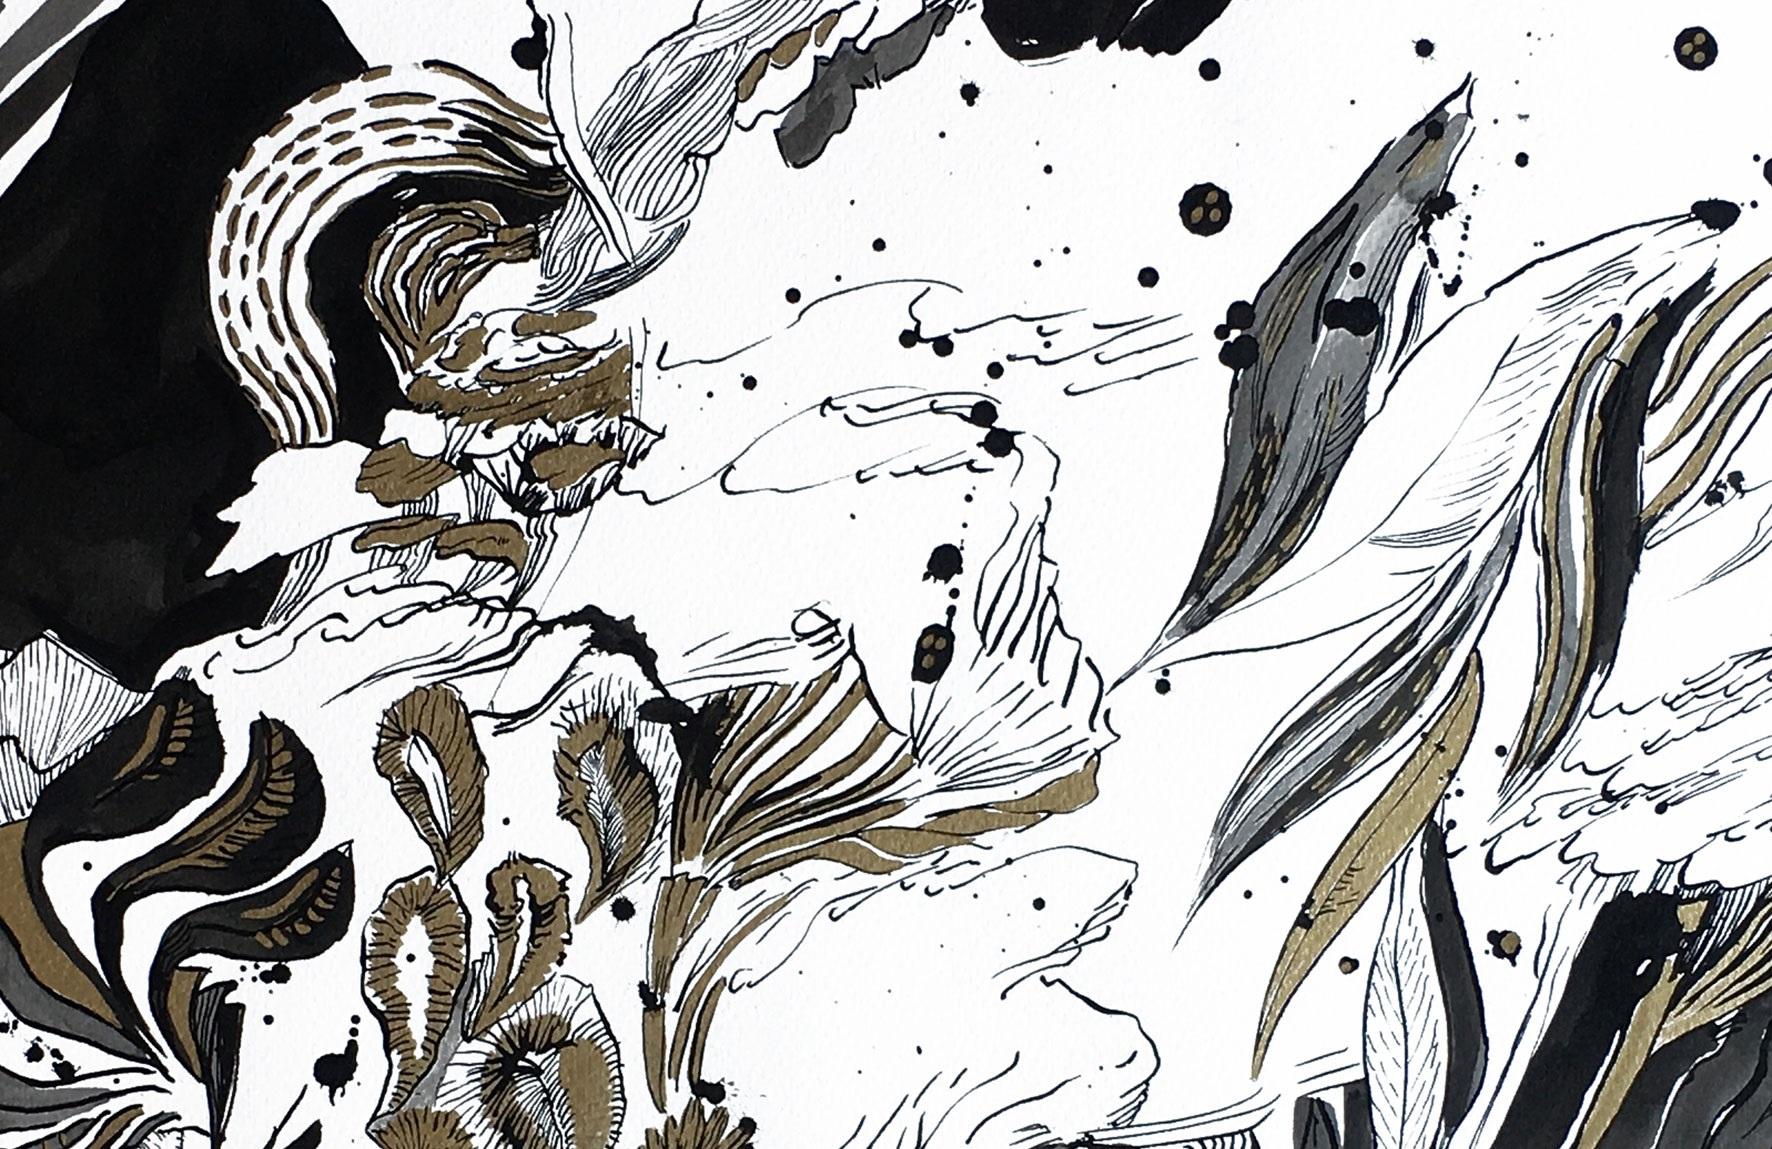 Kunst trifft Steuer XXVII - Sylvia Krieg - Homecoming - Cosmic Egg Series: Die Welt in einem Ei, 2018, Tusche & Lackmarker auf Papier, 50 x 70 cm (Ausschnitt)